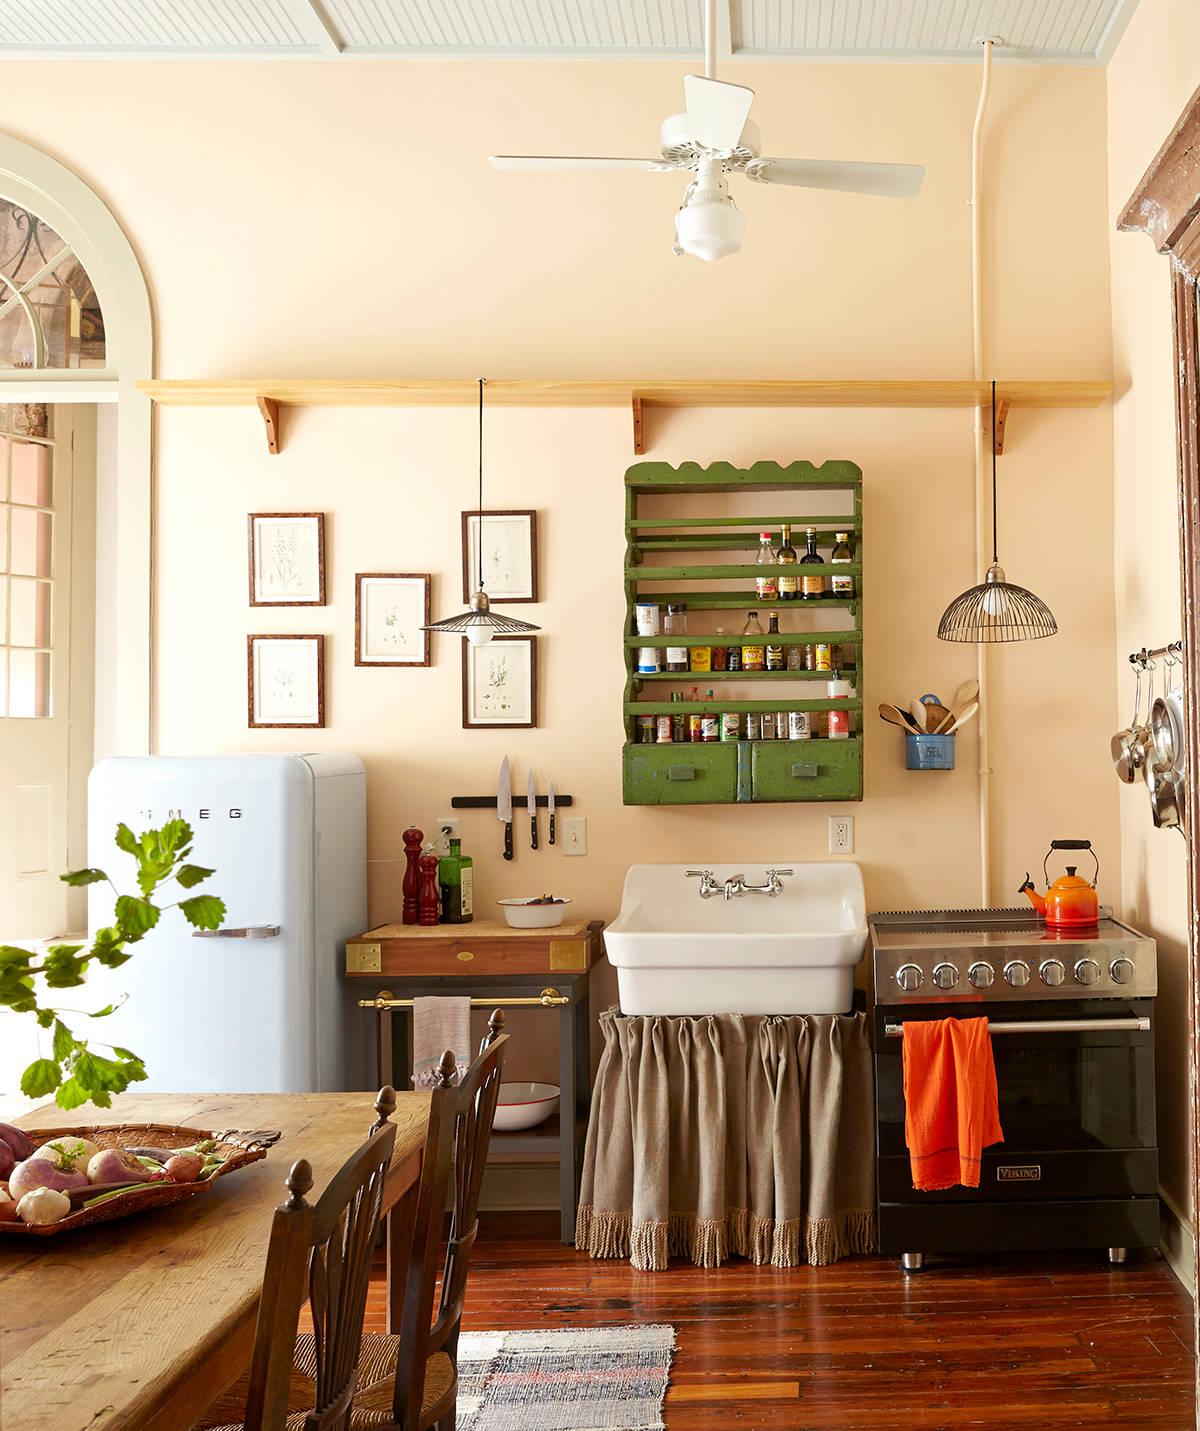 Ngắm những căn bếp nhỏ đầy màu sắc, đẹp đến mức làm xiêu lòng bất cứ ai - Ảnh 7.